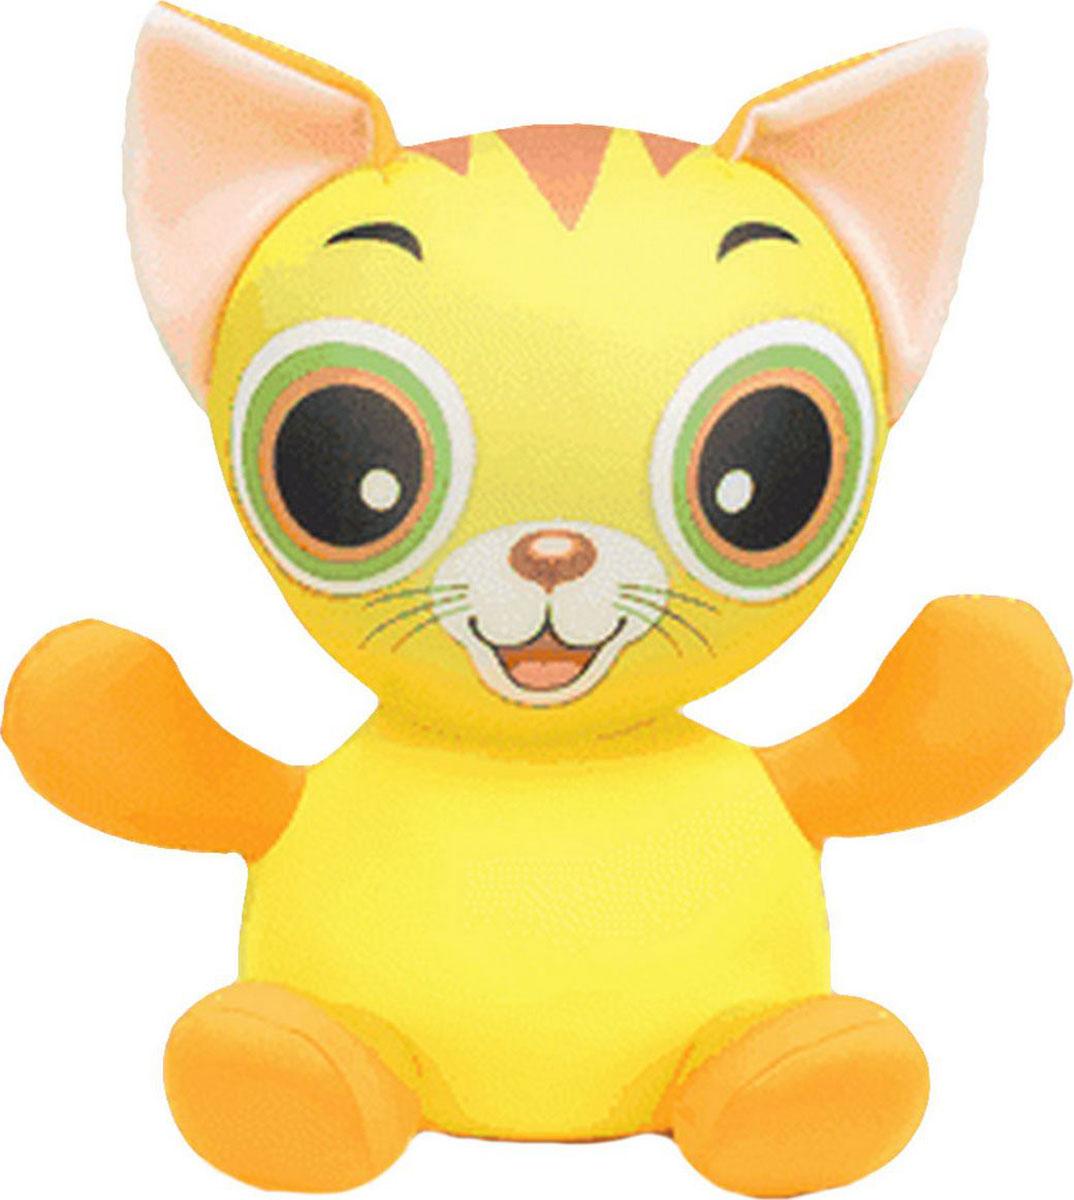 Подушка-игрушка Штучки, к которым тянутся ручки антистрессовая Анимашки. Котенок, желтый